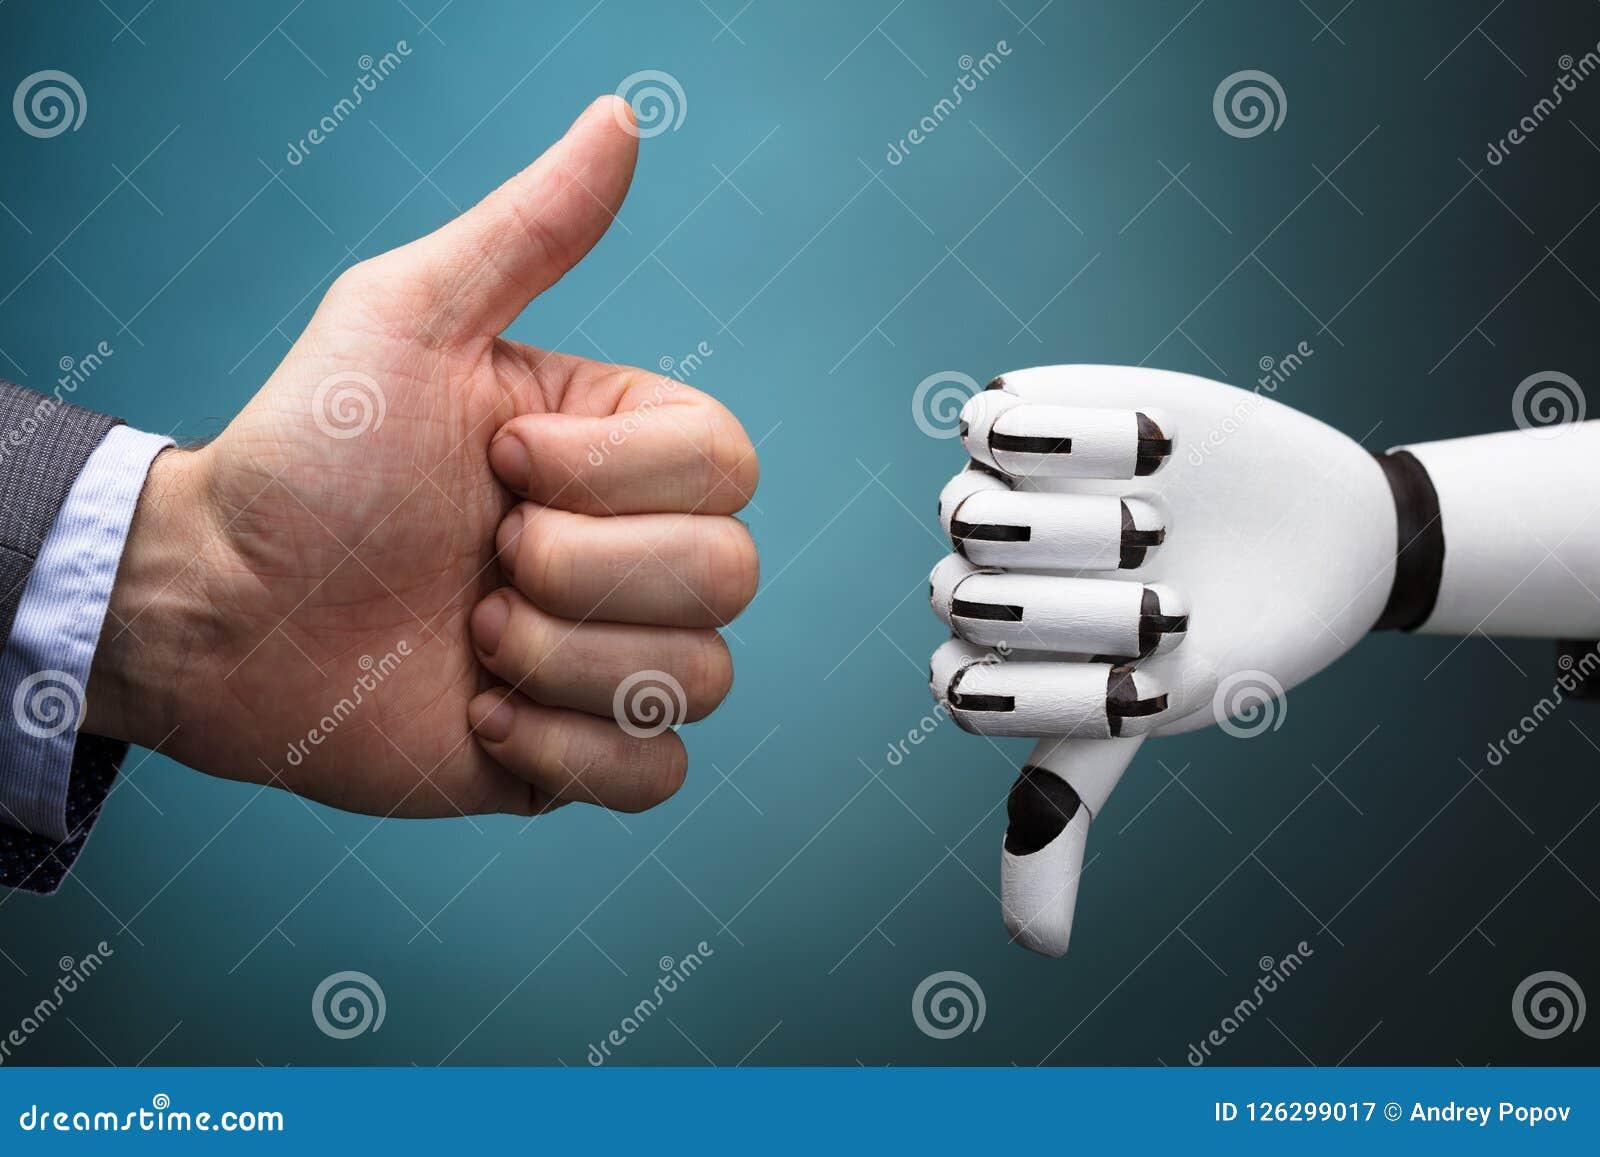 De Duim van Businesspersonand robot showing omhoog en Duim Benedenteken